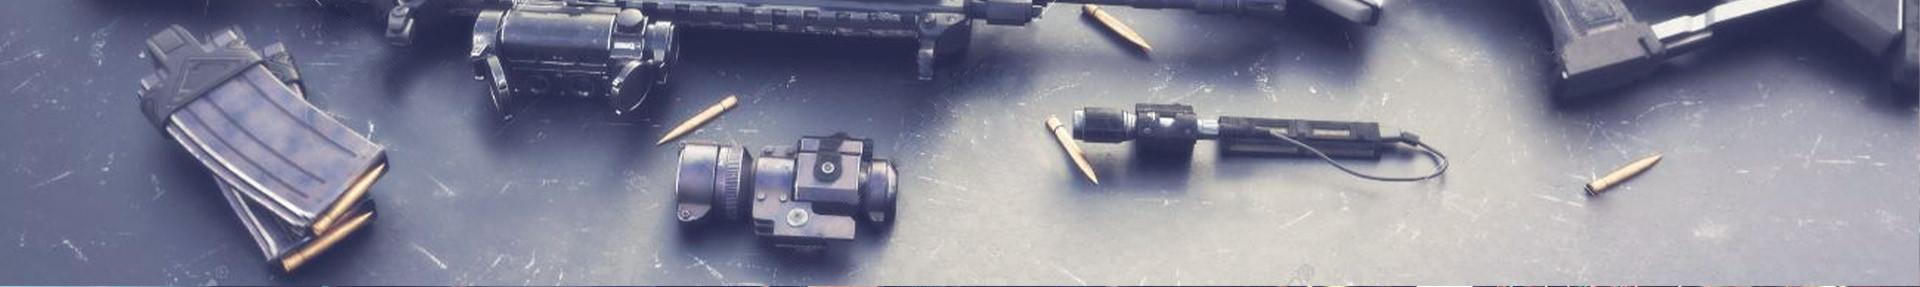 Munition 8x57 Mauser